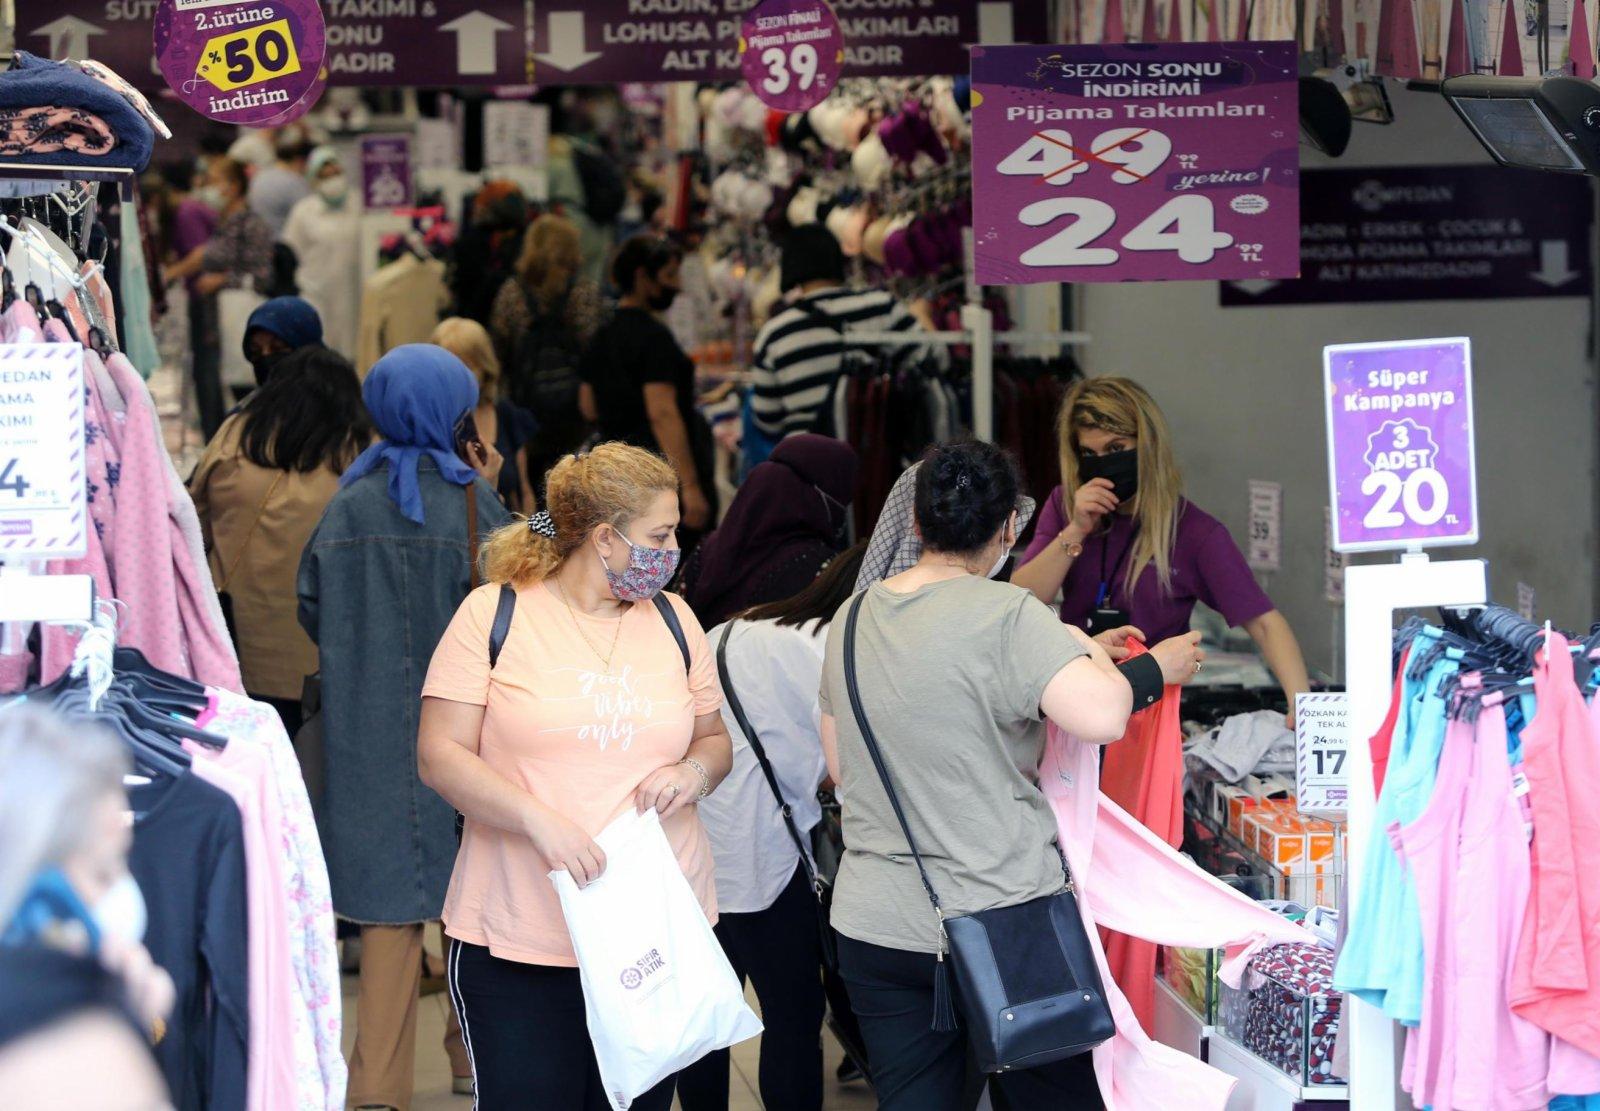 5月17日,顧客在土耳其安卡拉的商店內購物。(新華社)